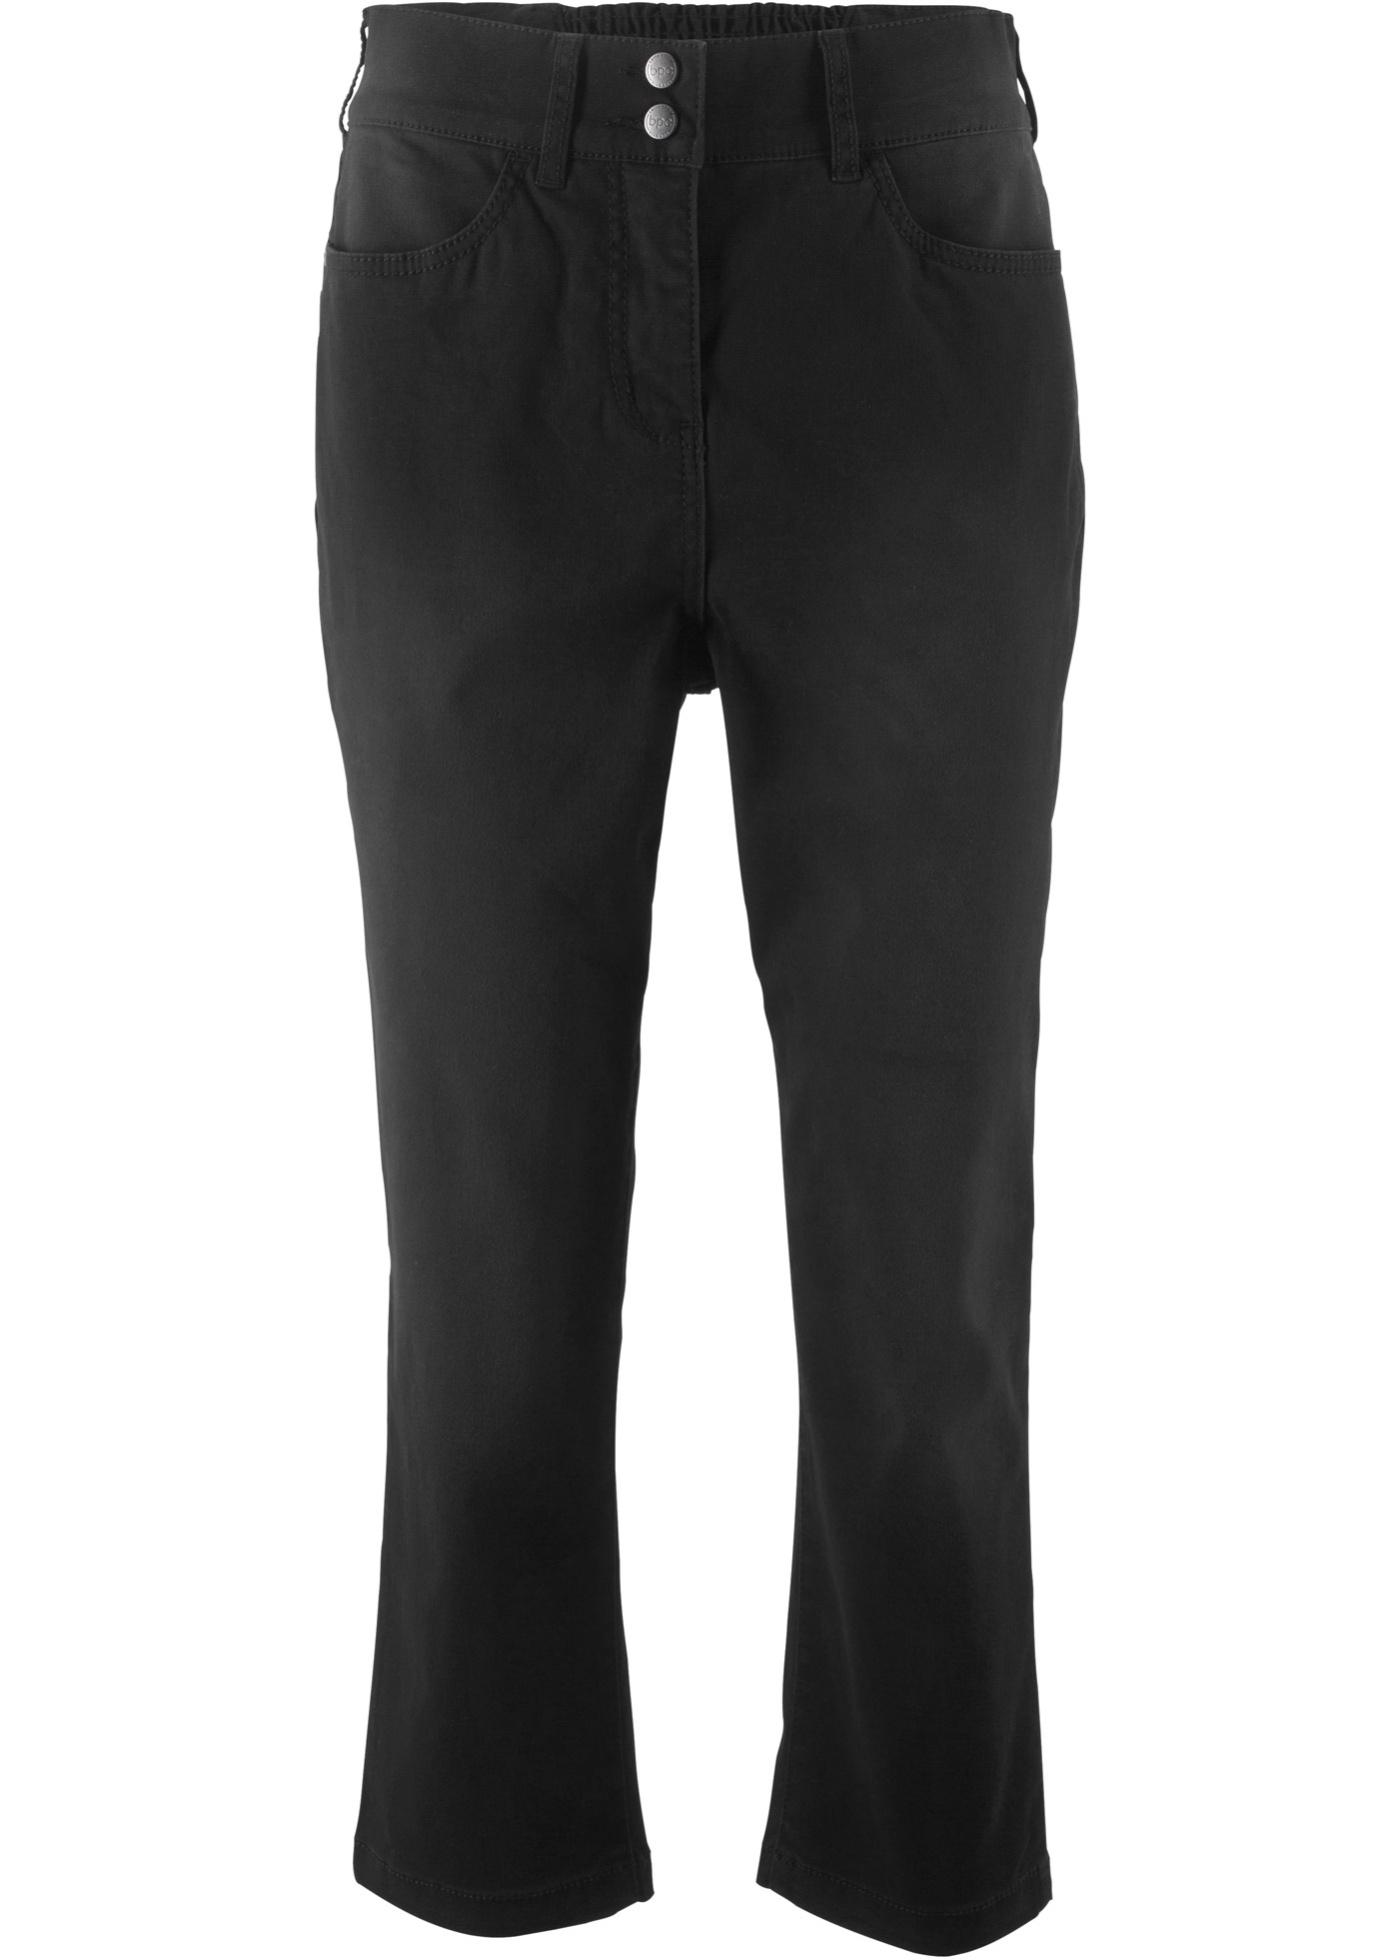 Bilde av 3/4-lan bukse med pull on-linning